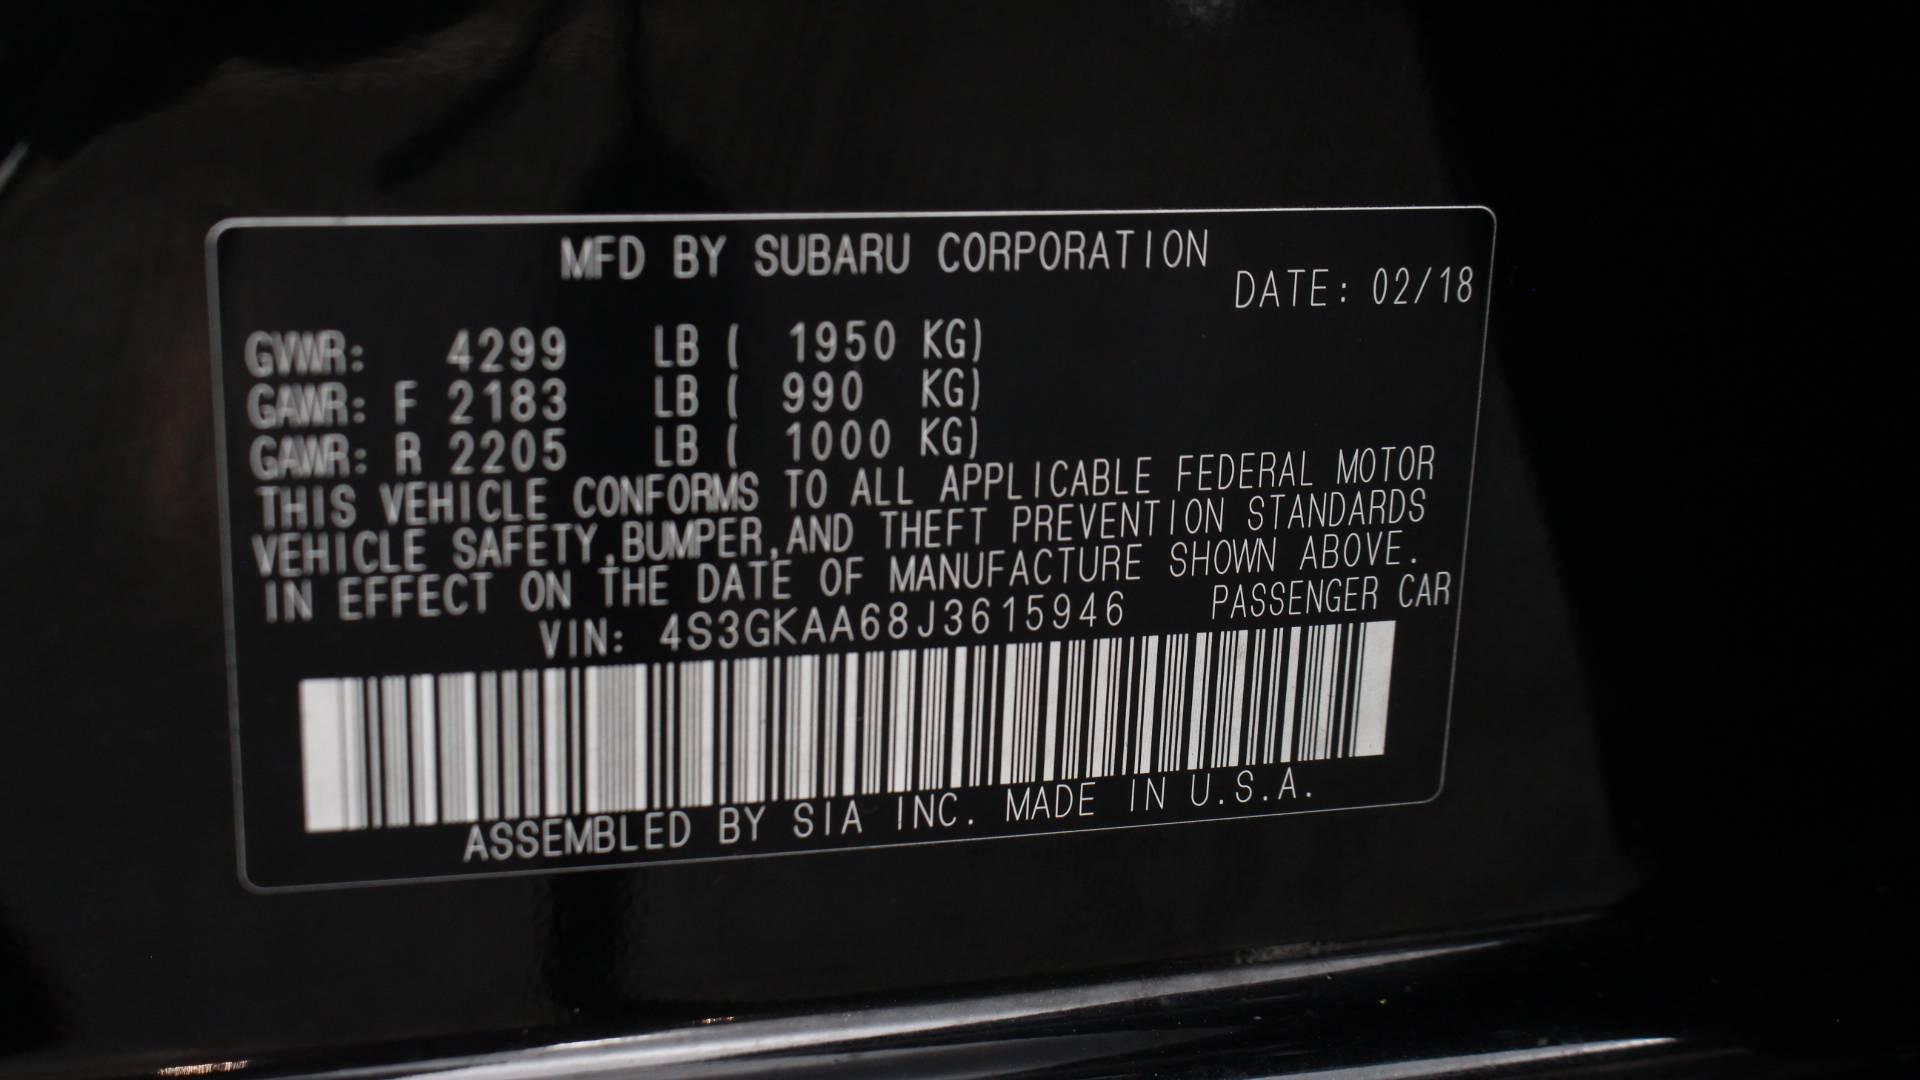 Florida Fine Cars - Used vehicle - Sedan SUBARU IMPREZA 2018